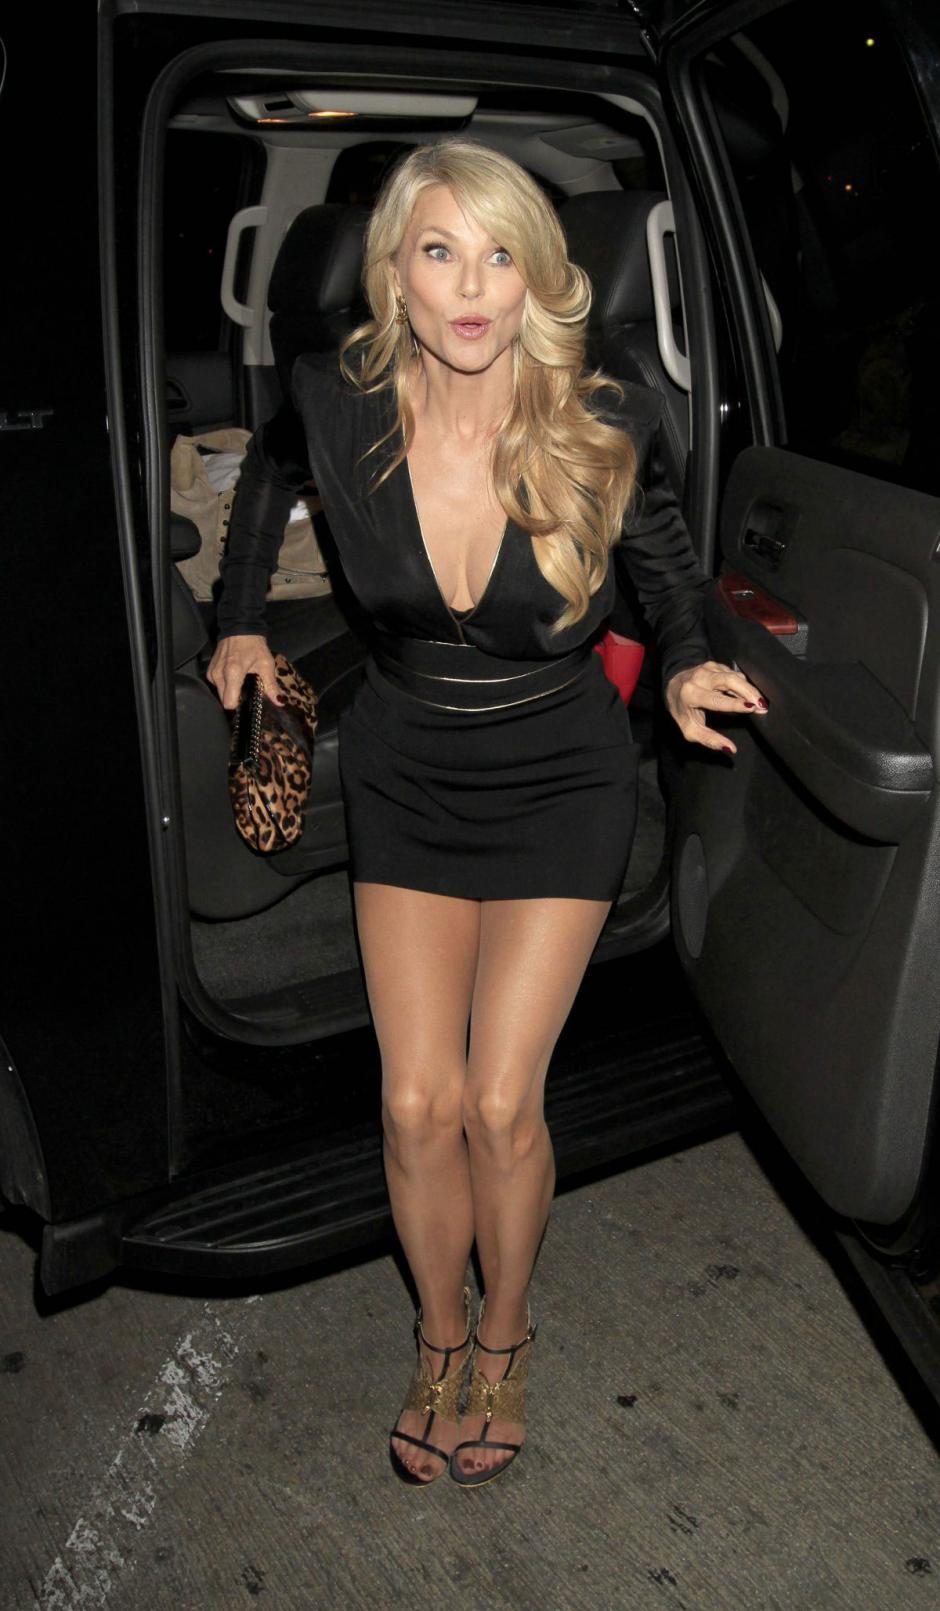 """Christie protagonizó el videoclip de la canción """"Uptown Girl"""", de Billy Joel. (Foto:justfabzz.com)"""